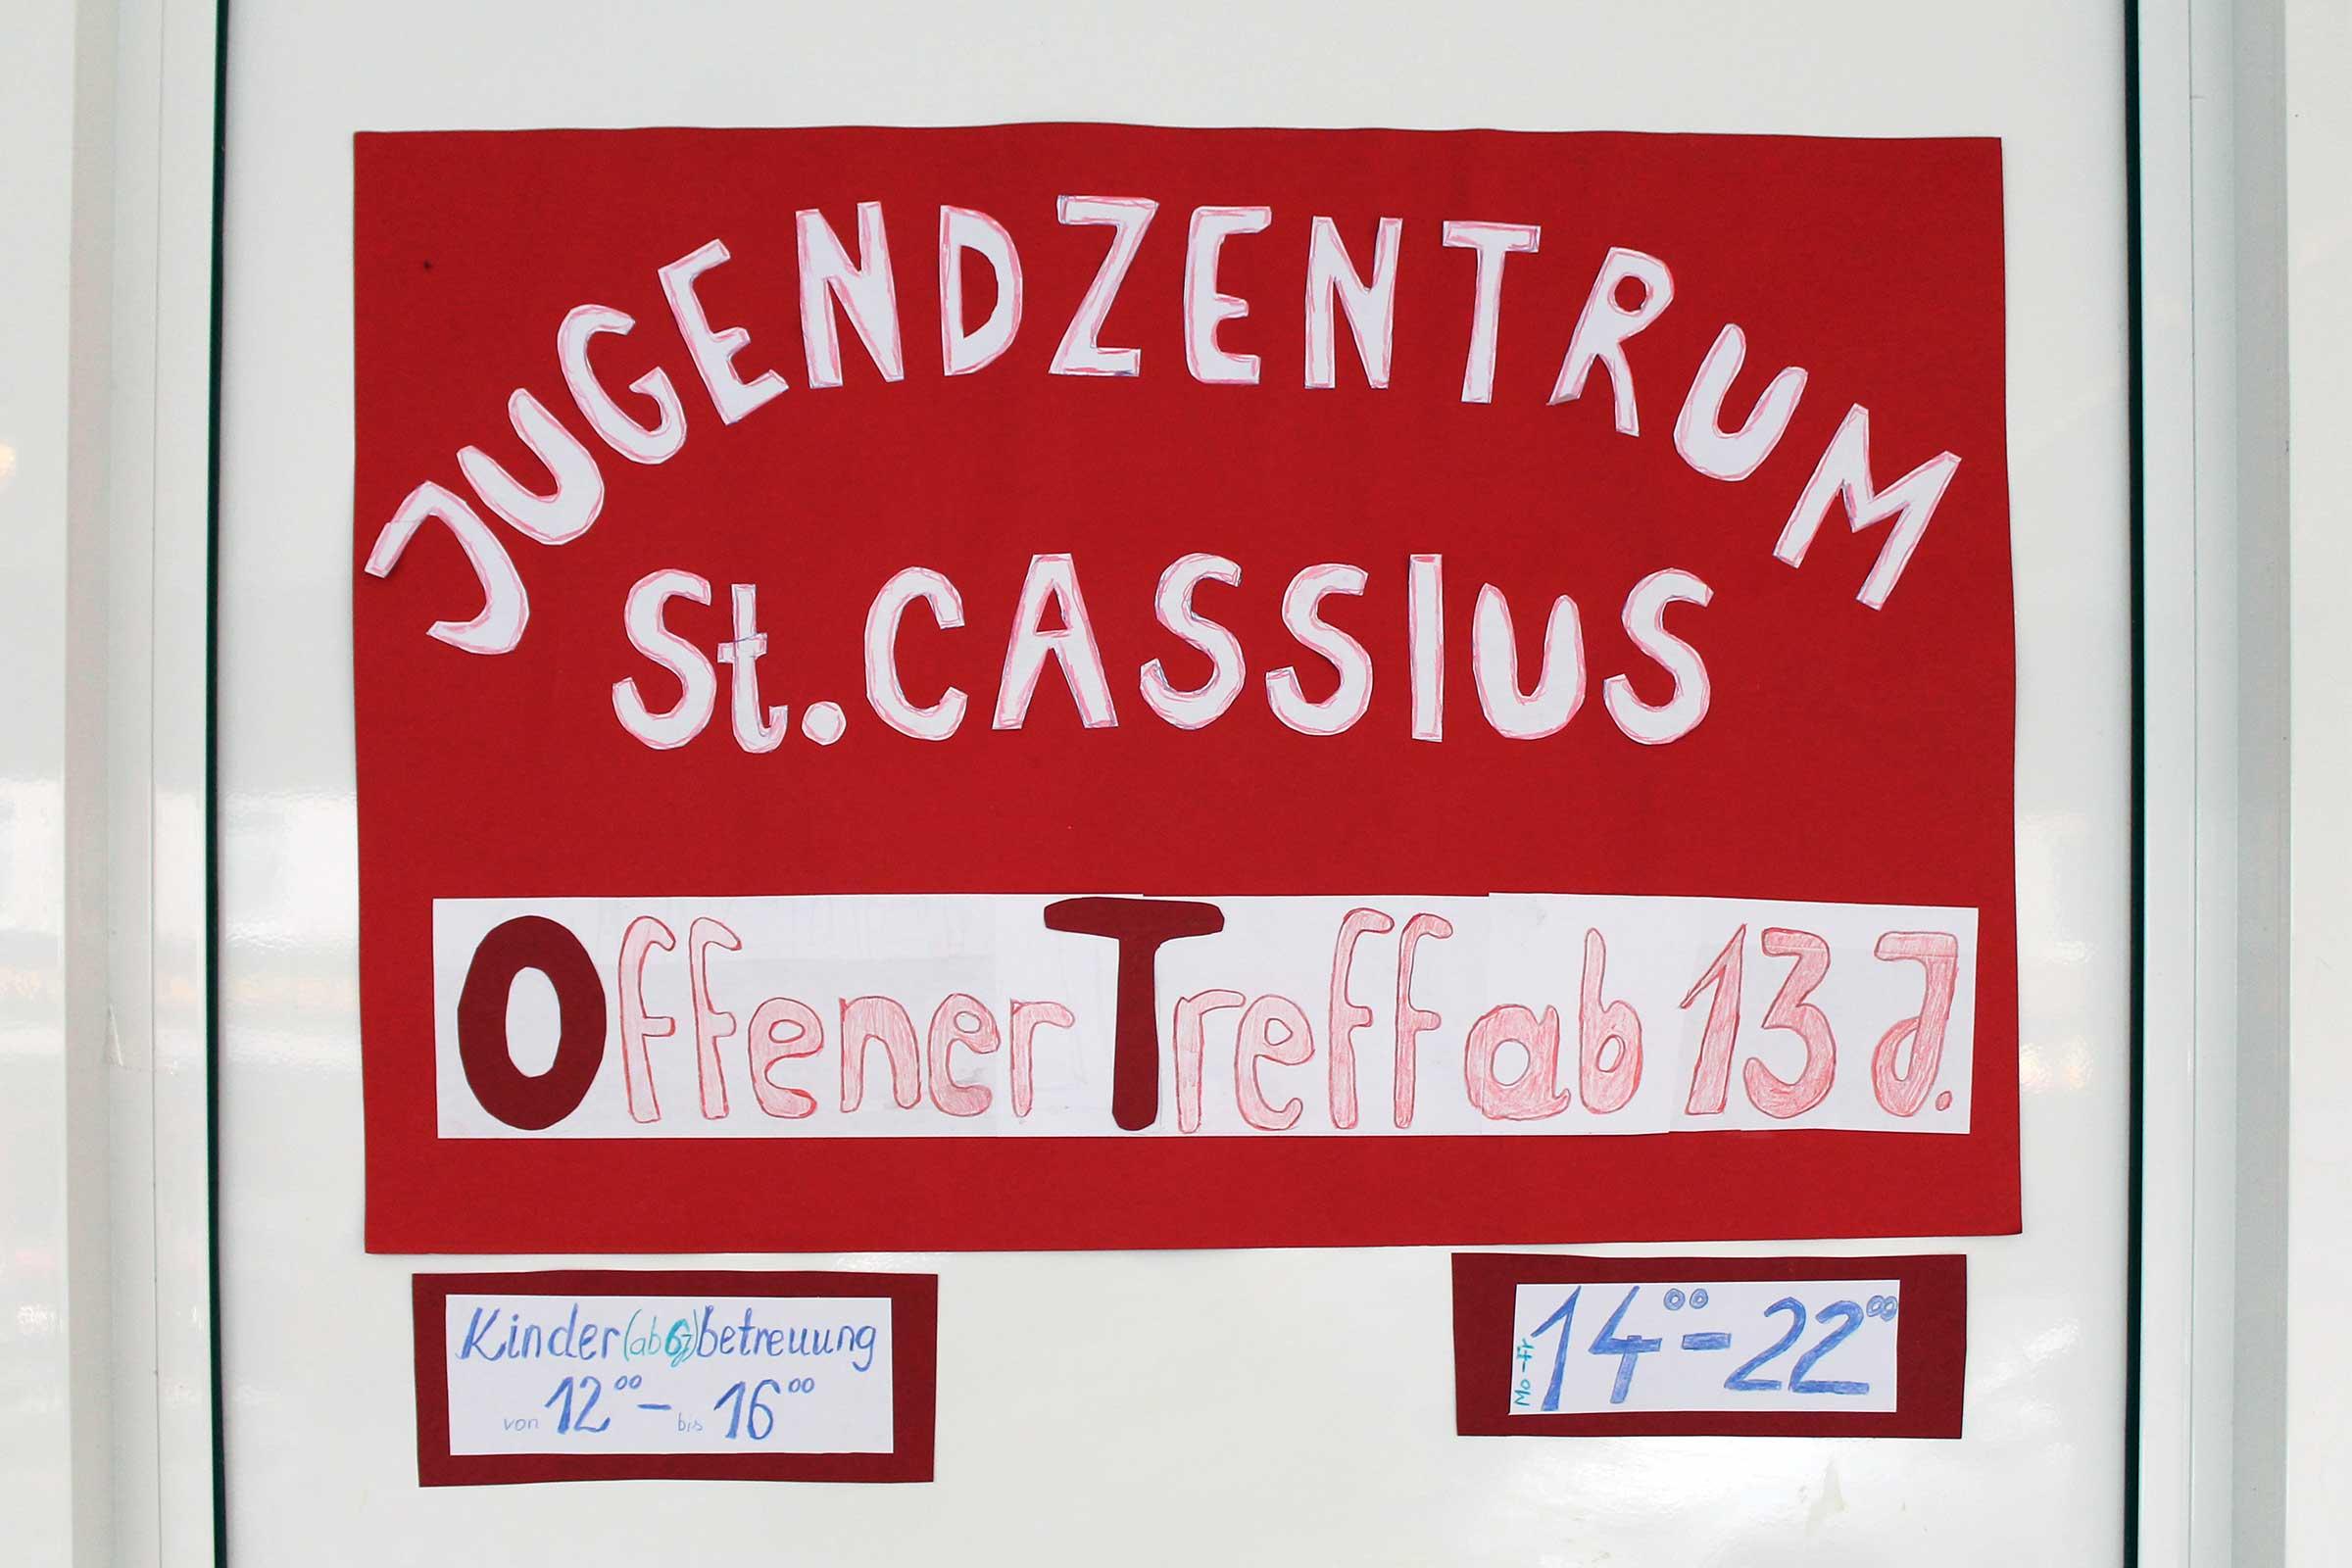 Ein Schild: Jugendzentrum St. Cassius, Offener Treff ab 13. J.